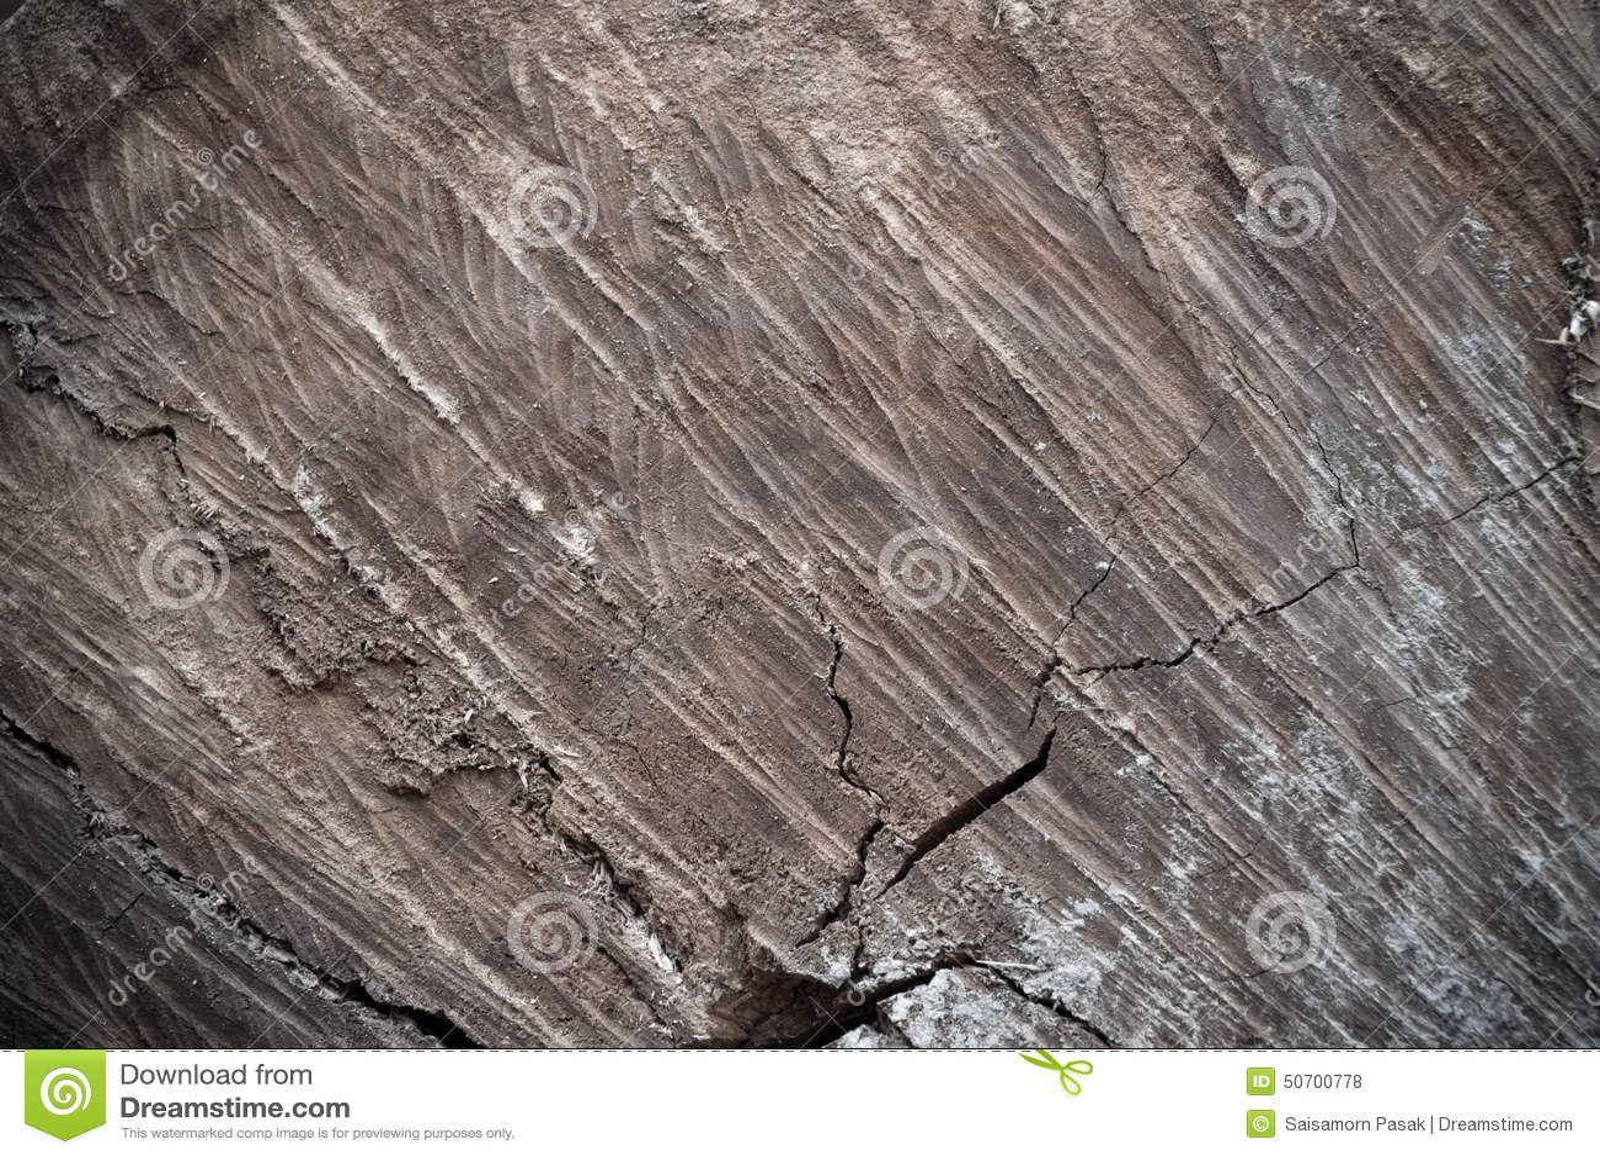 Tronc d 39 arbre en bois de coupe de texture photo stock image 50700778 - Tronc d arbre coupe ...